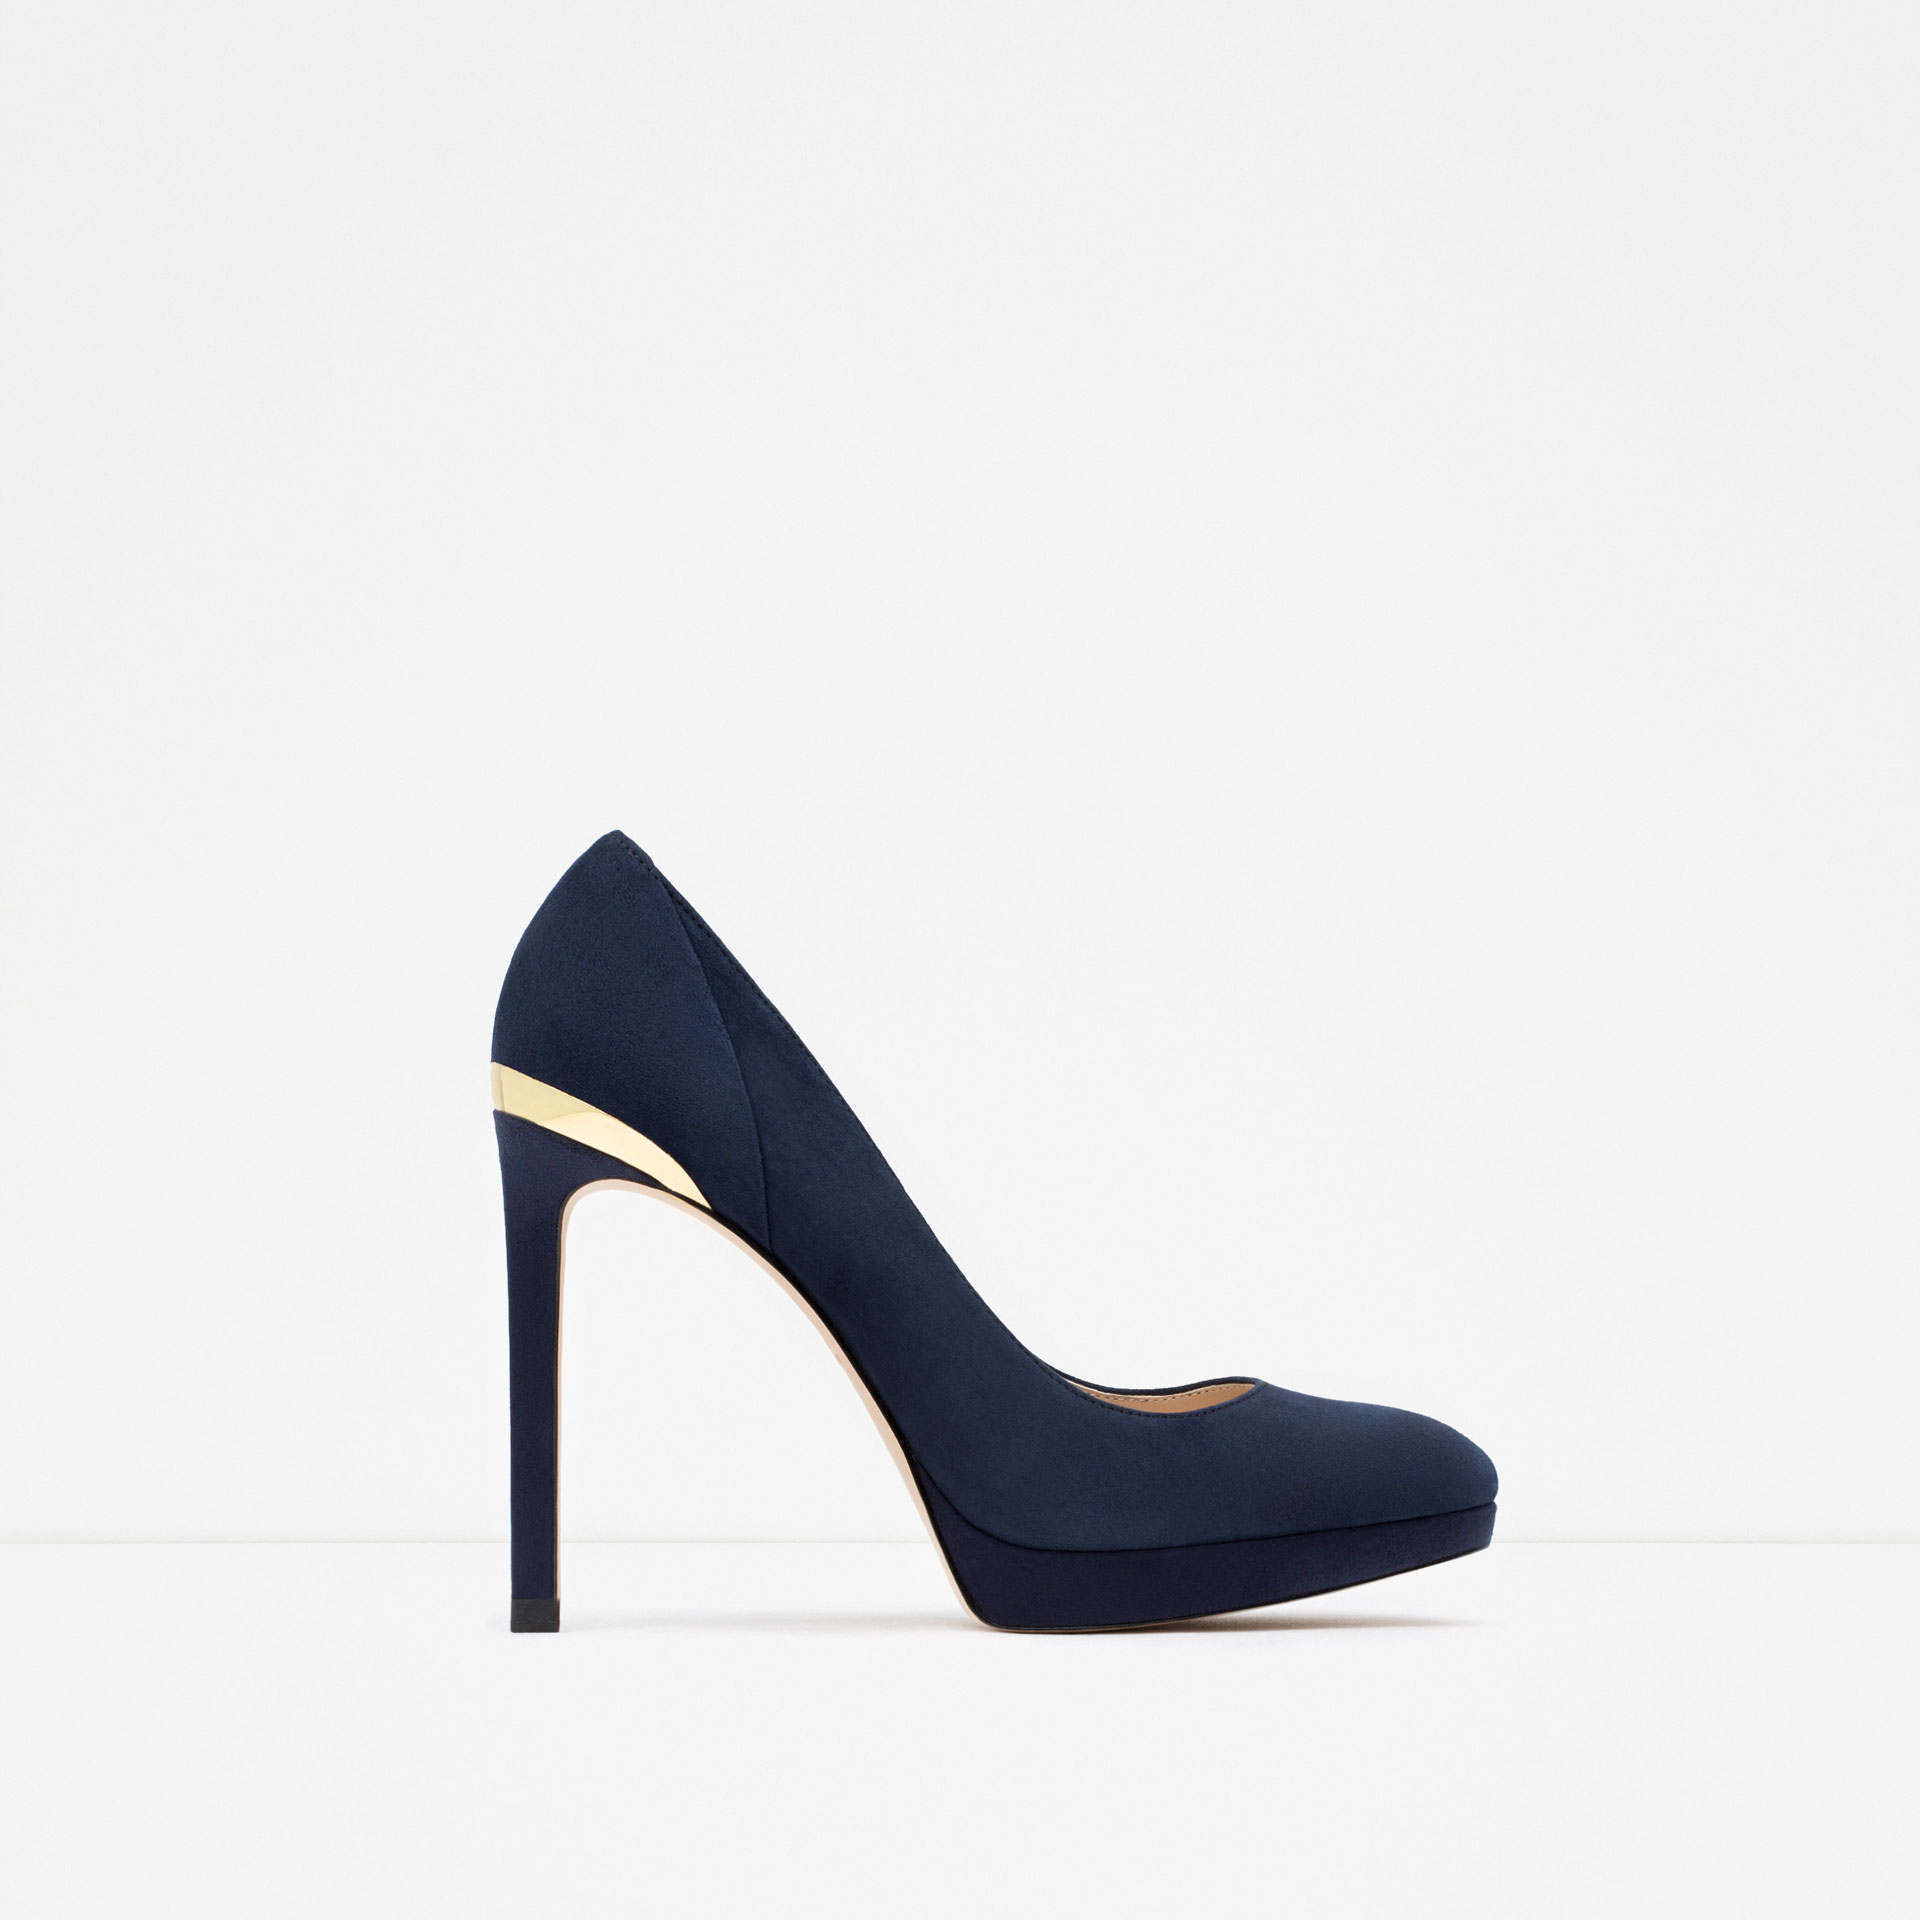 navy high heels gallery ilszkyz